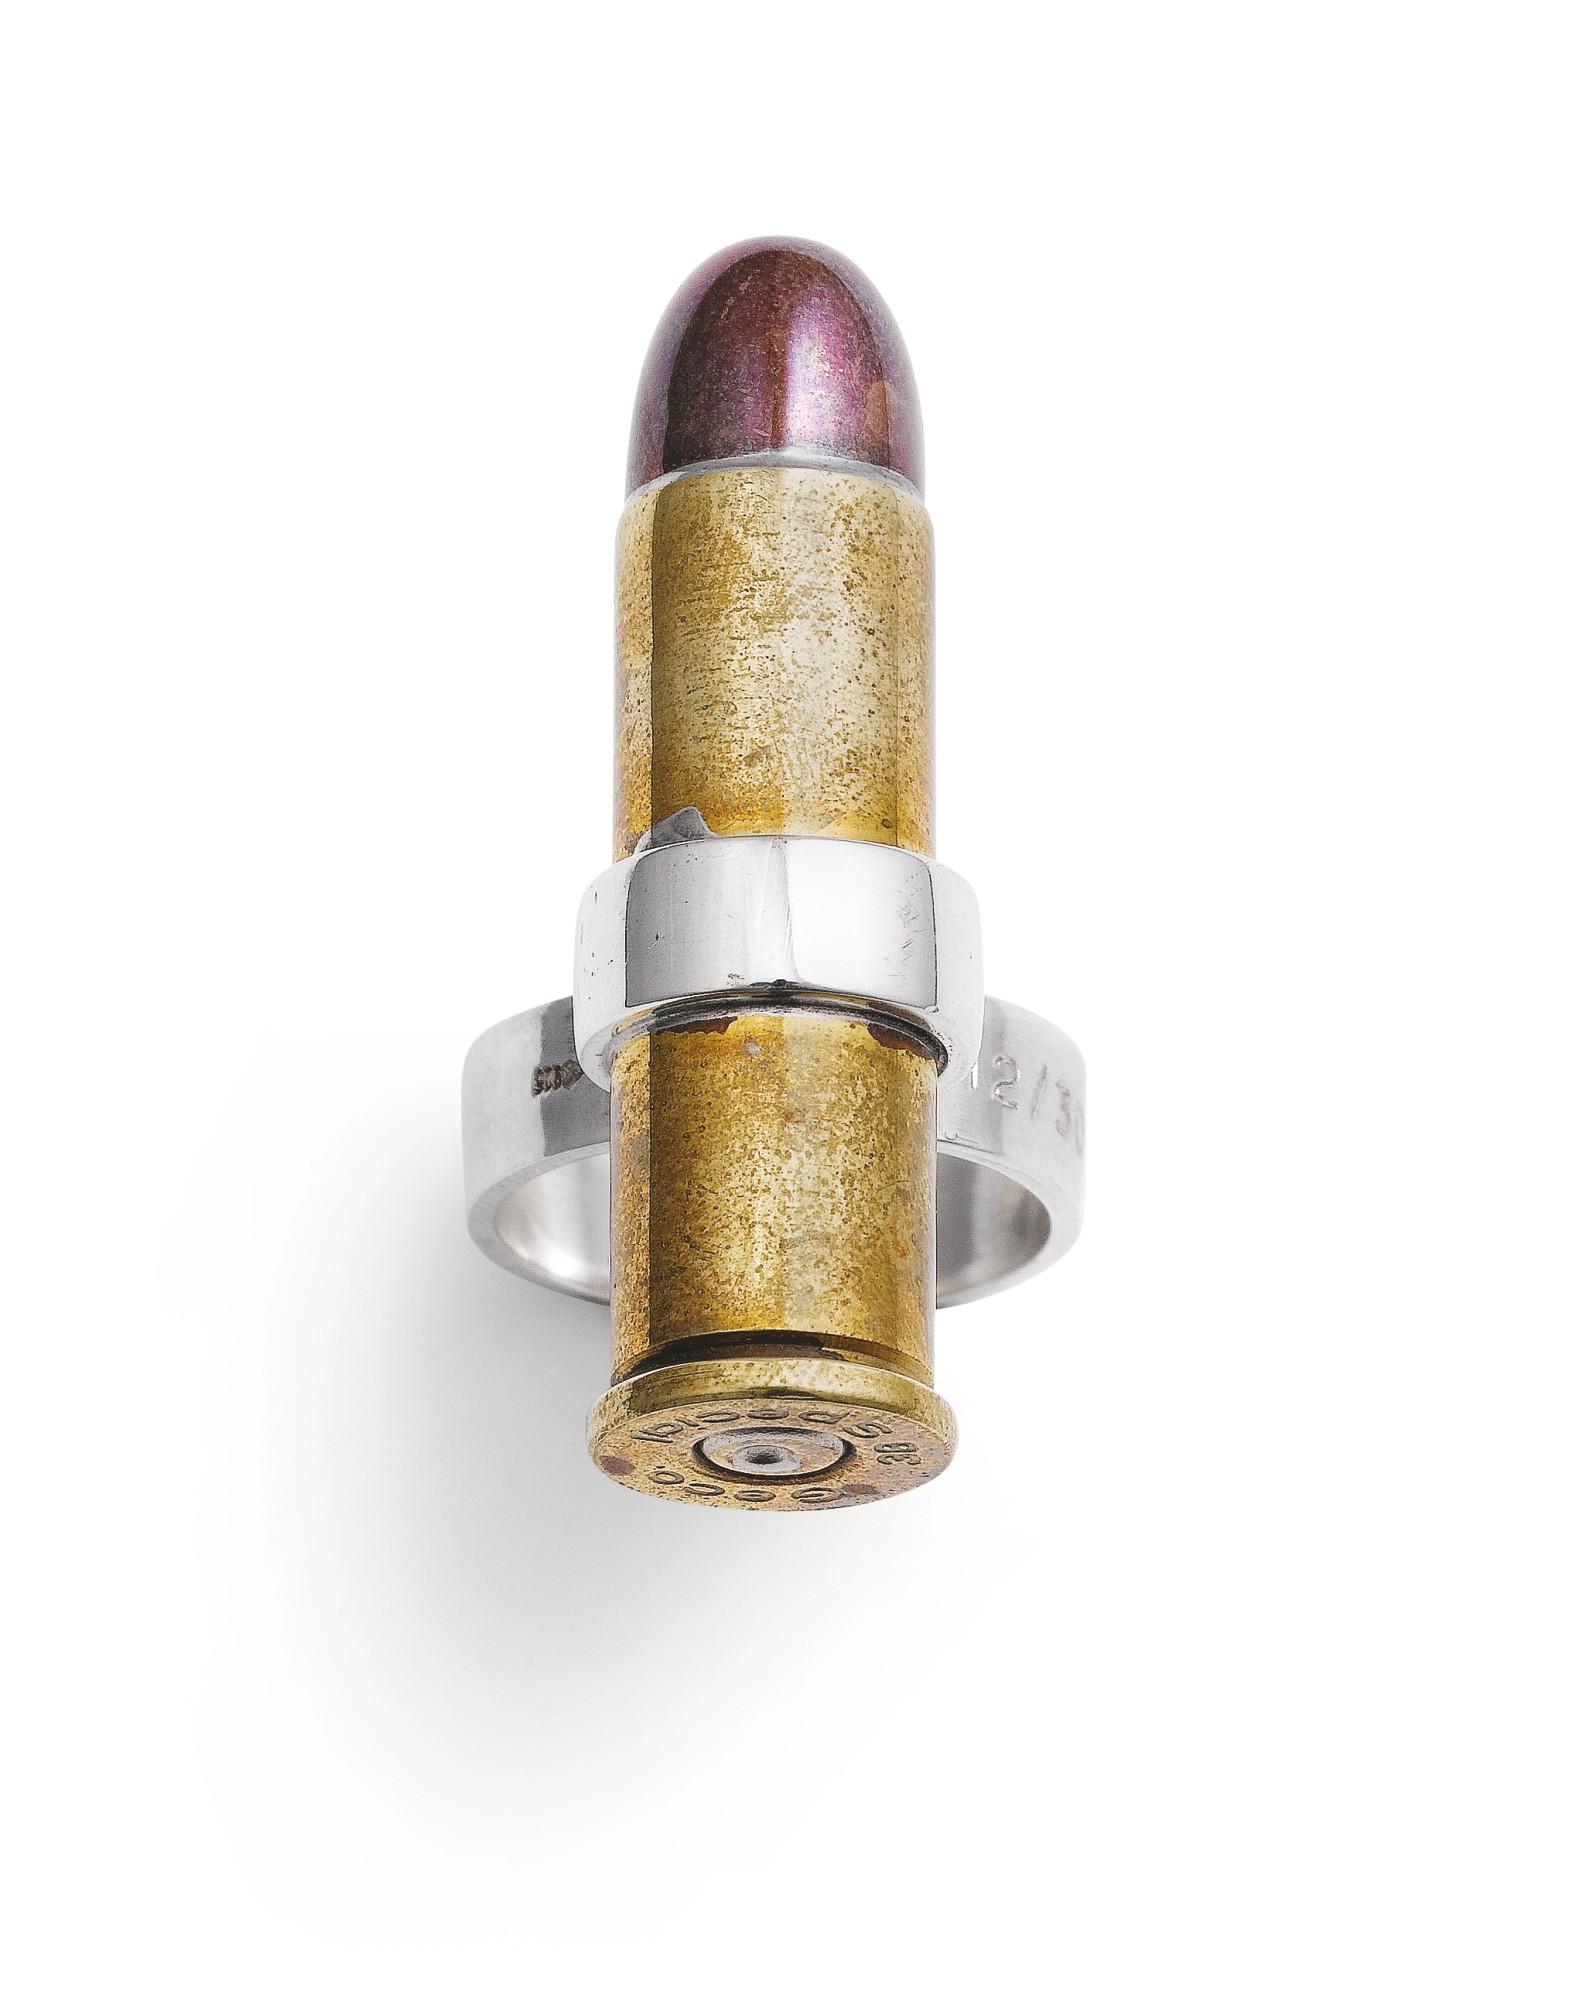 Jacques Monory, Ring, [Bague] 'Balle de Revolver', 2009